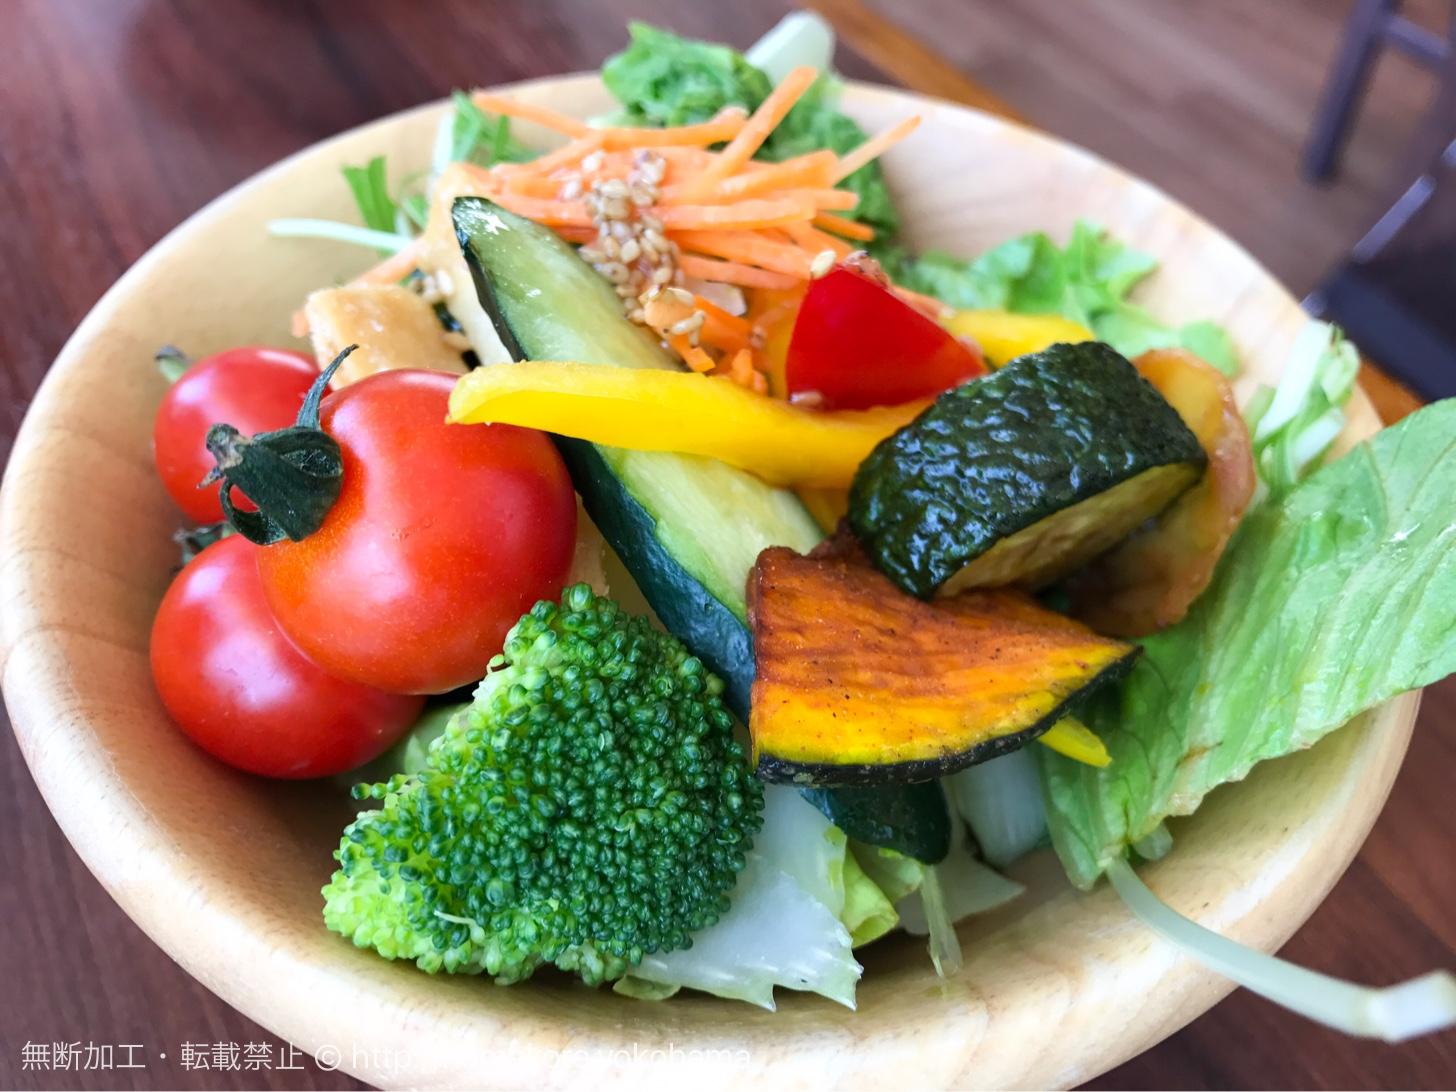 お皿に盛った野菜